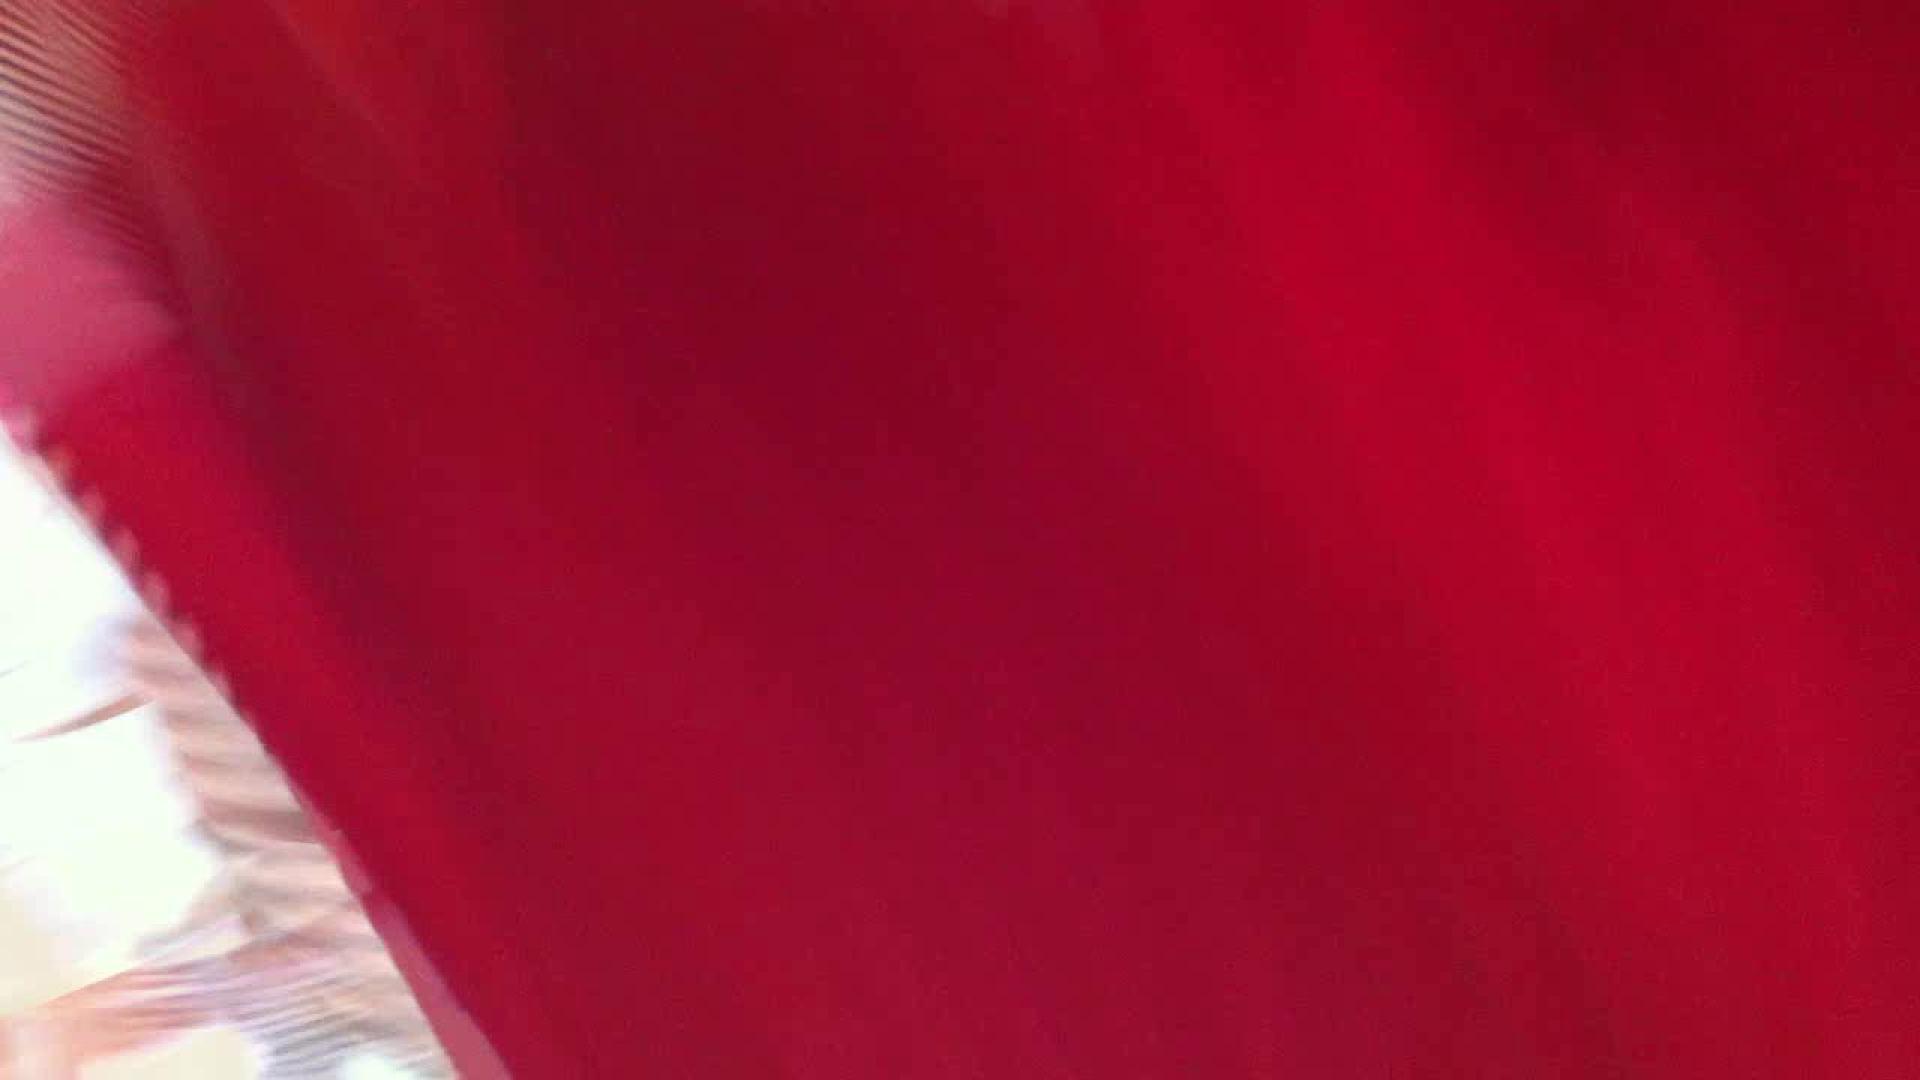 フルHD ショップ店員千人斬り! 大画面ノーカット完全版 vol.45 OLエロ画像 | ギャルエロ画像  104PICs 93